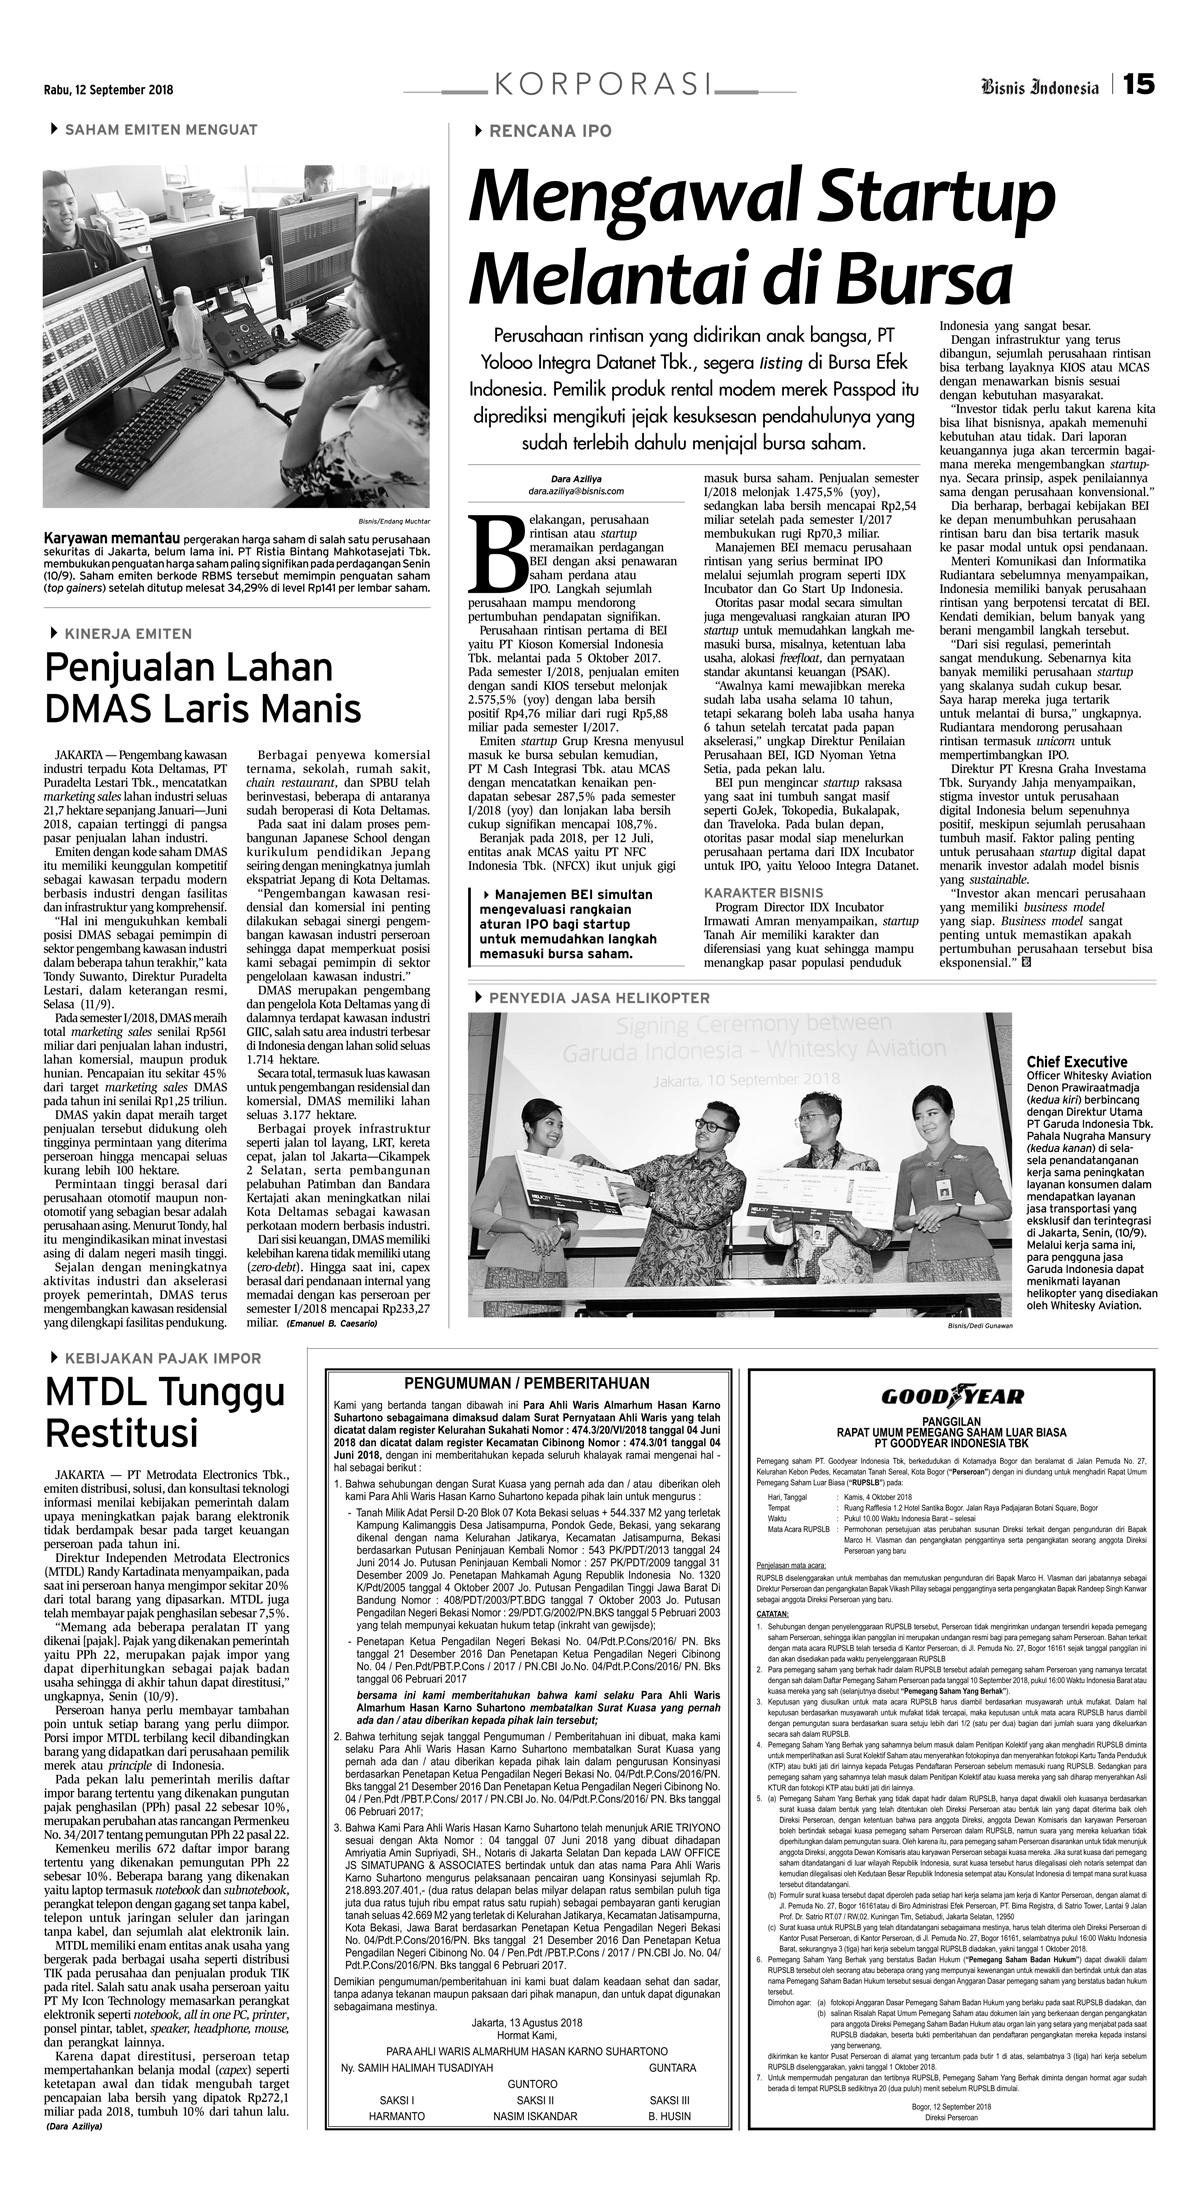 Edisi_Harian_2018-09-12_15